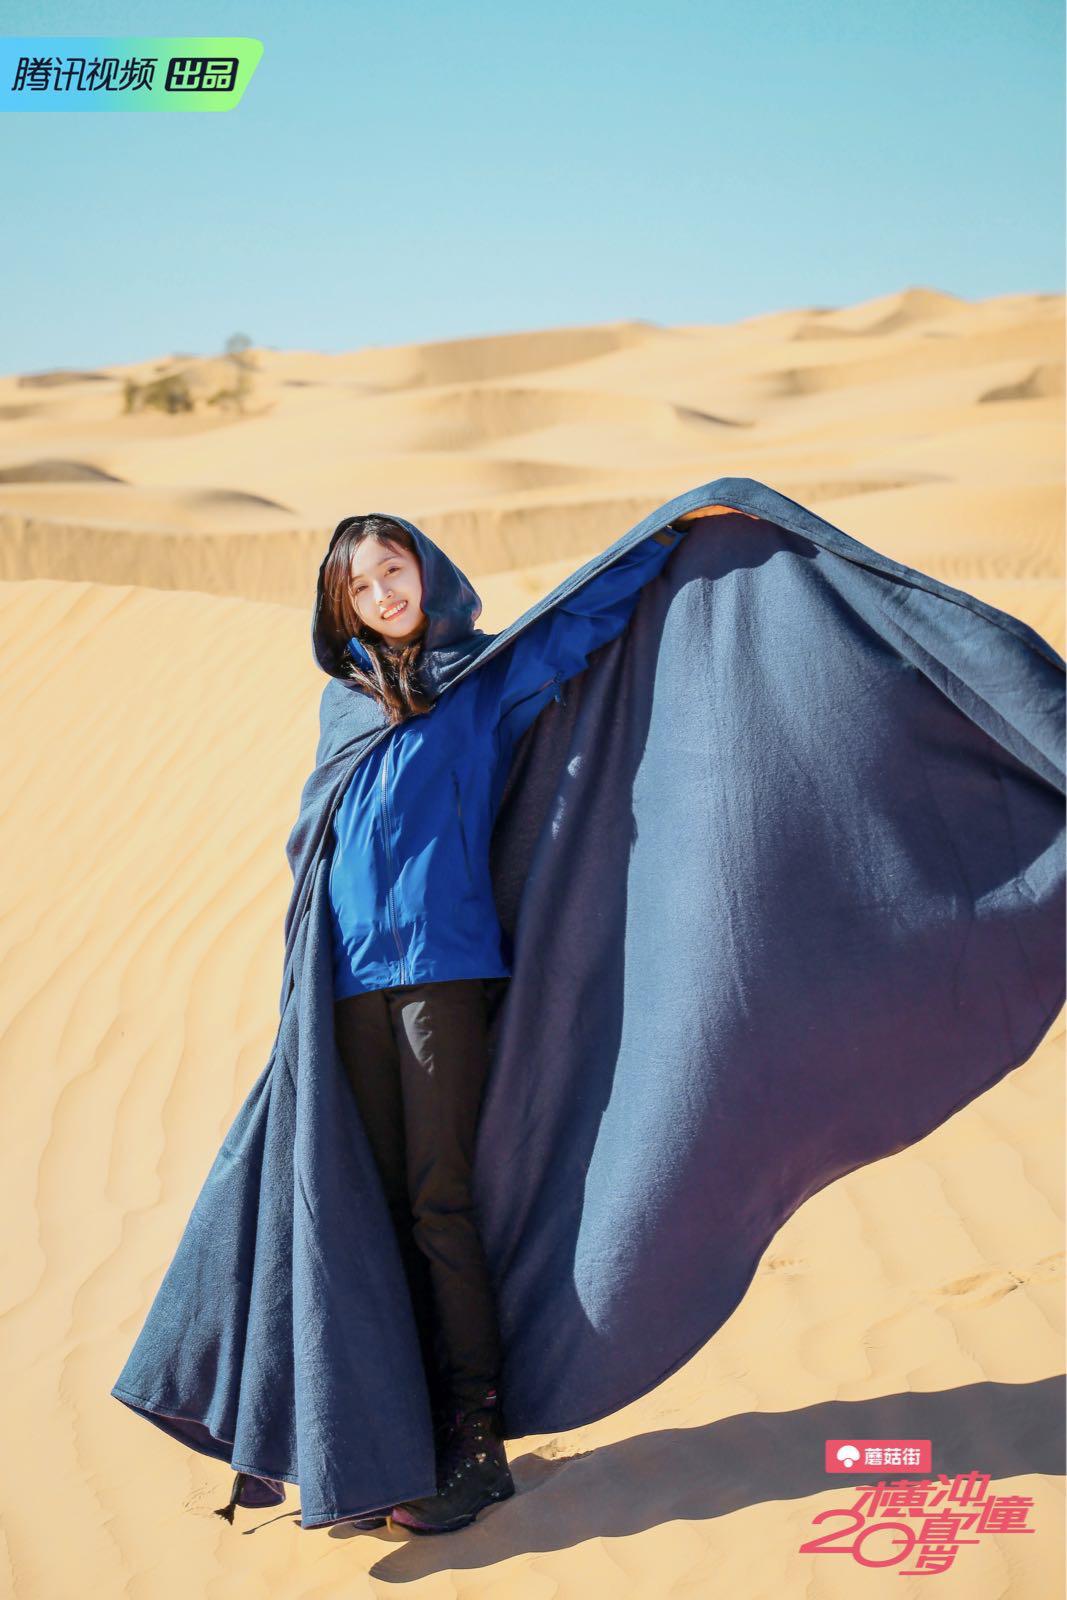 Hello,今天给大家上一节宣仪搭配课——沙漠最重要的装备是什么?当然是大斗篷啊,沙漠大片必备,保暖又出片,你值得拥有!叮叮叮,你的小魔法师宣仪已上线。 #横冲直撞20岁#